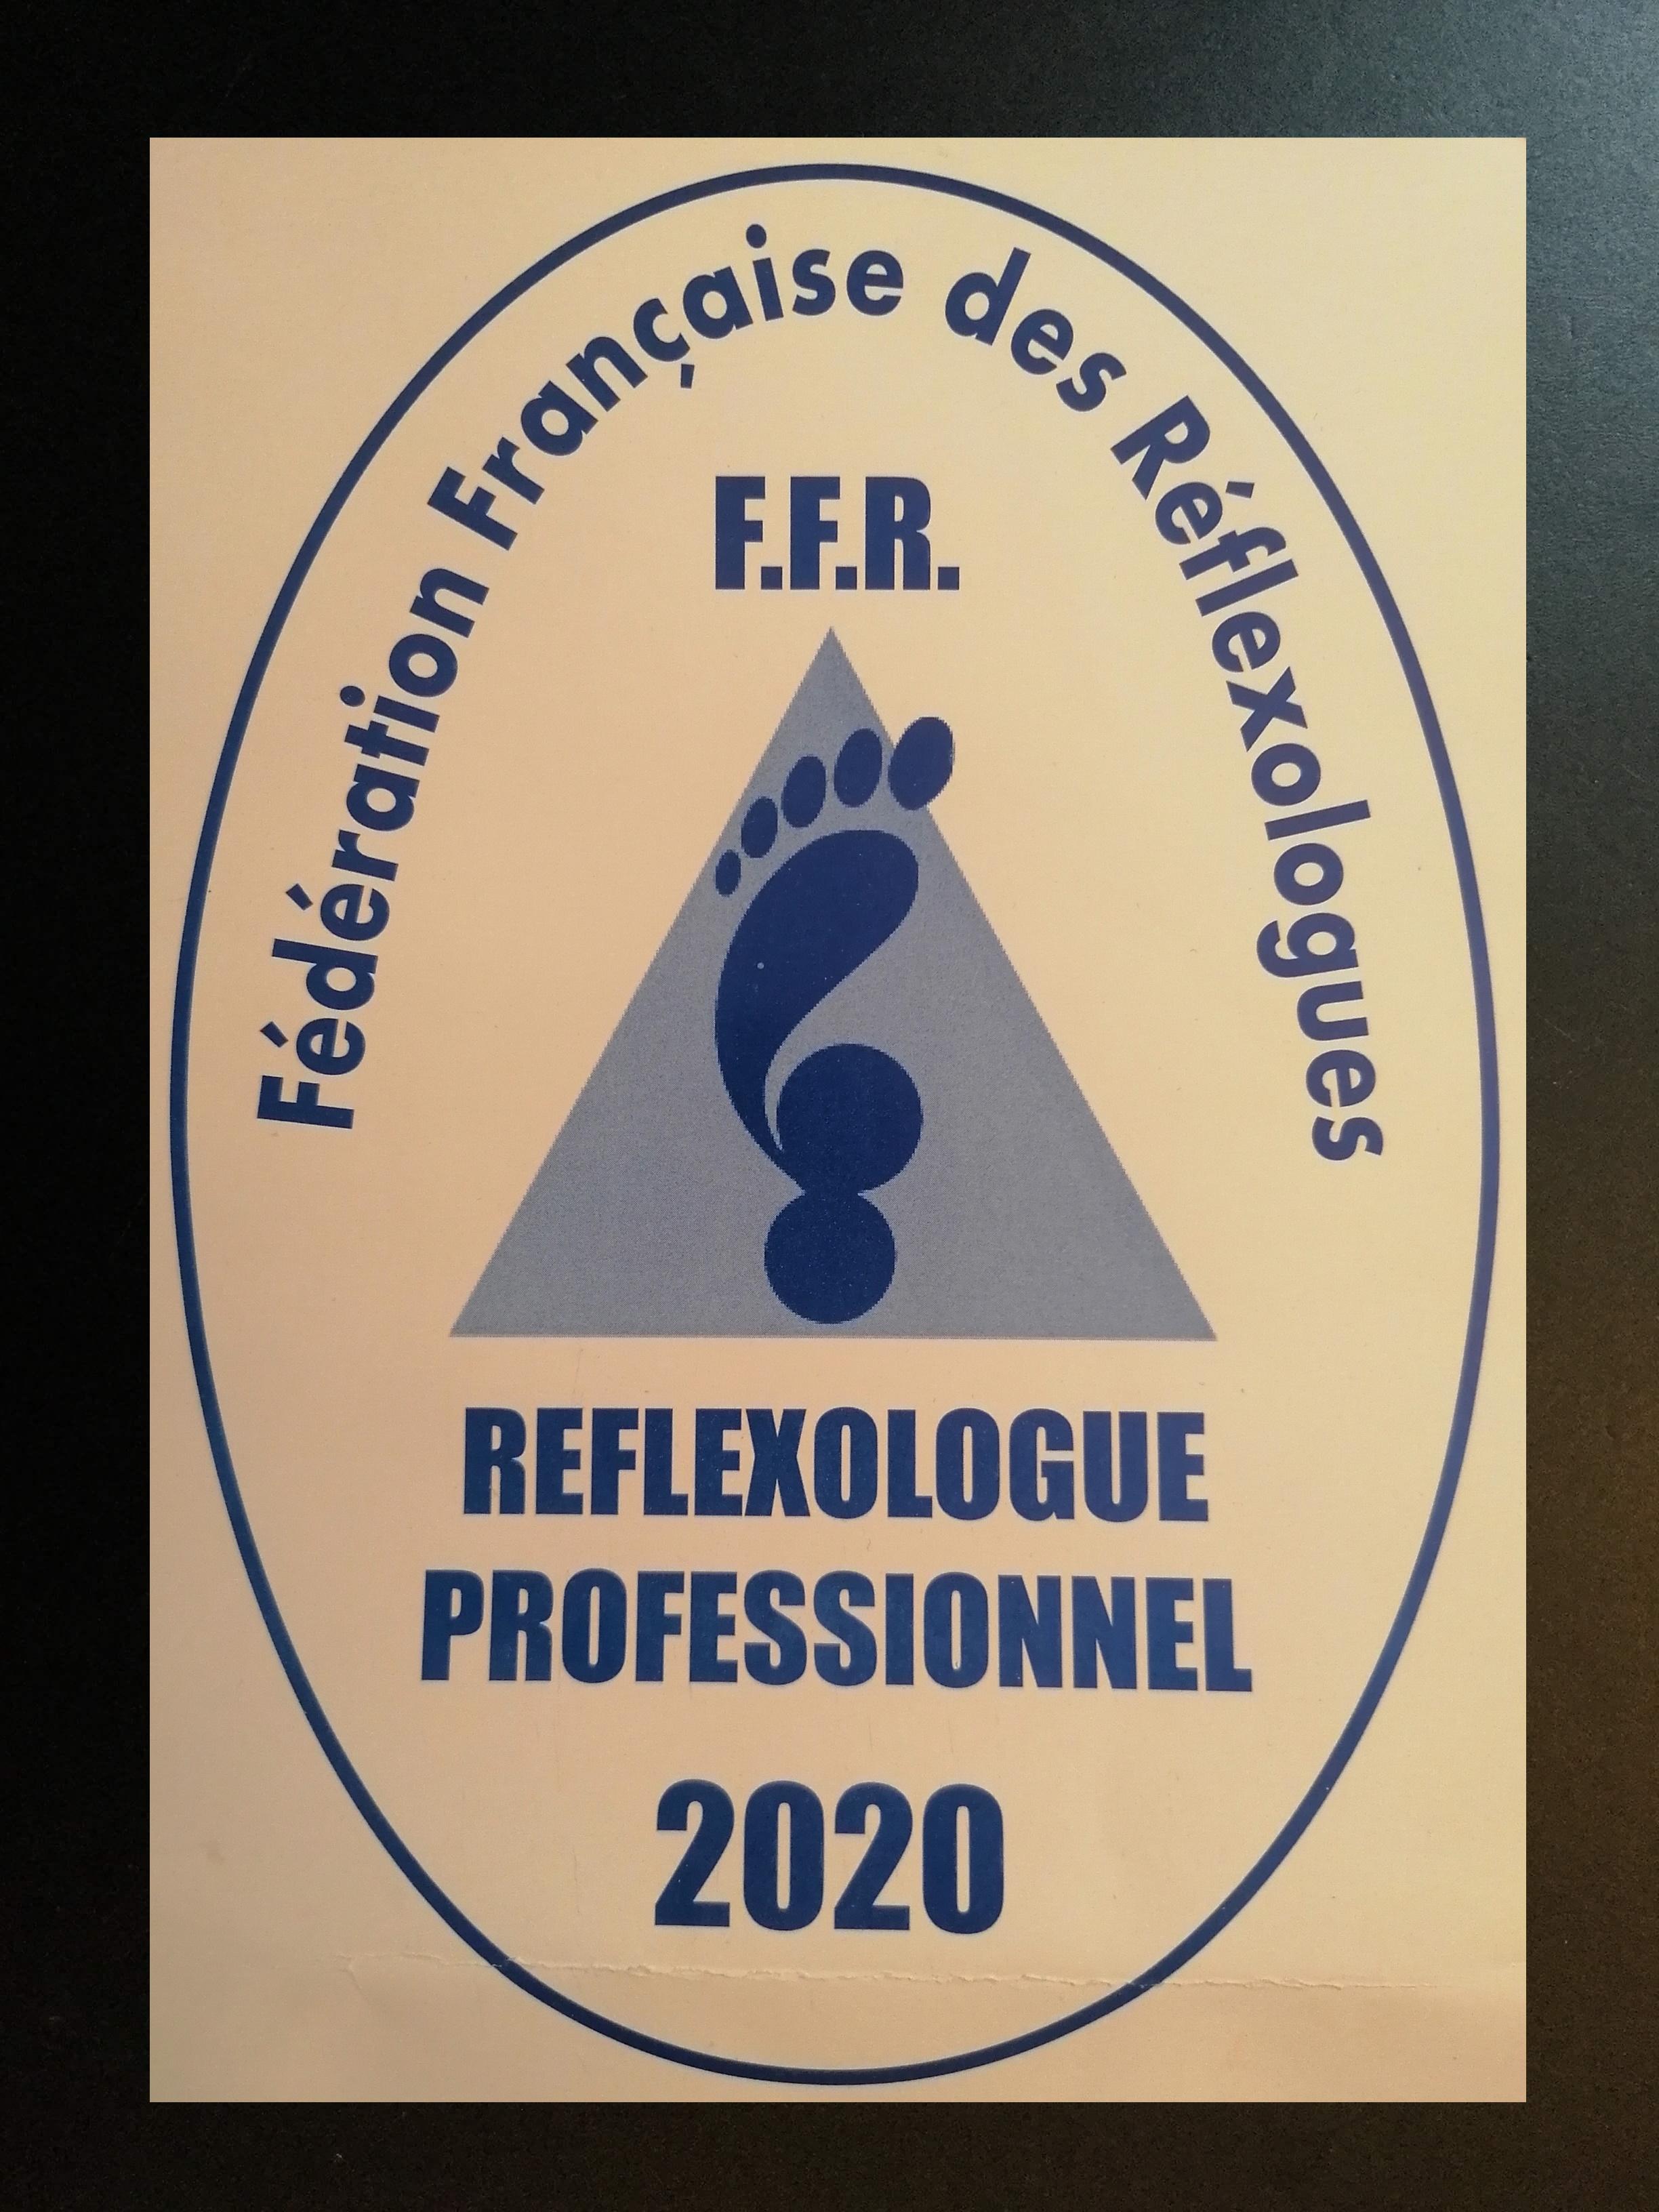 Réflexologue professionnel 2020